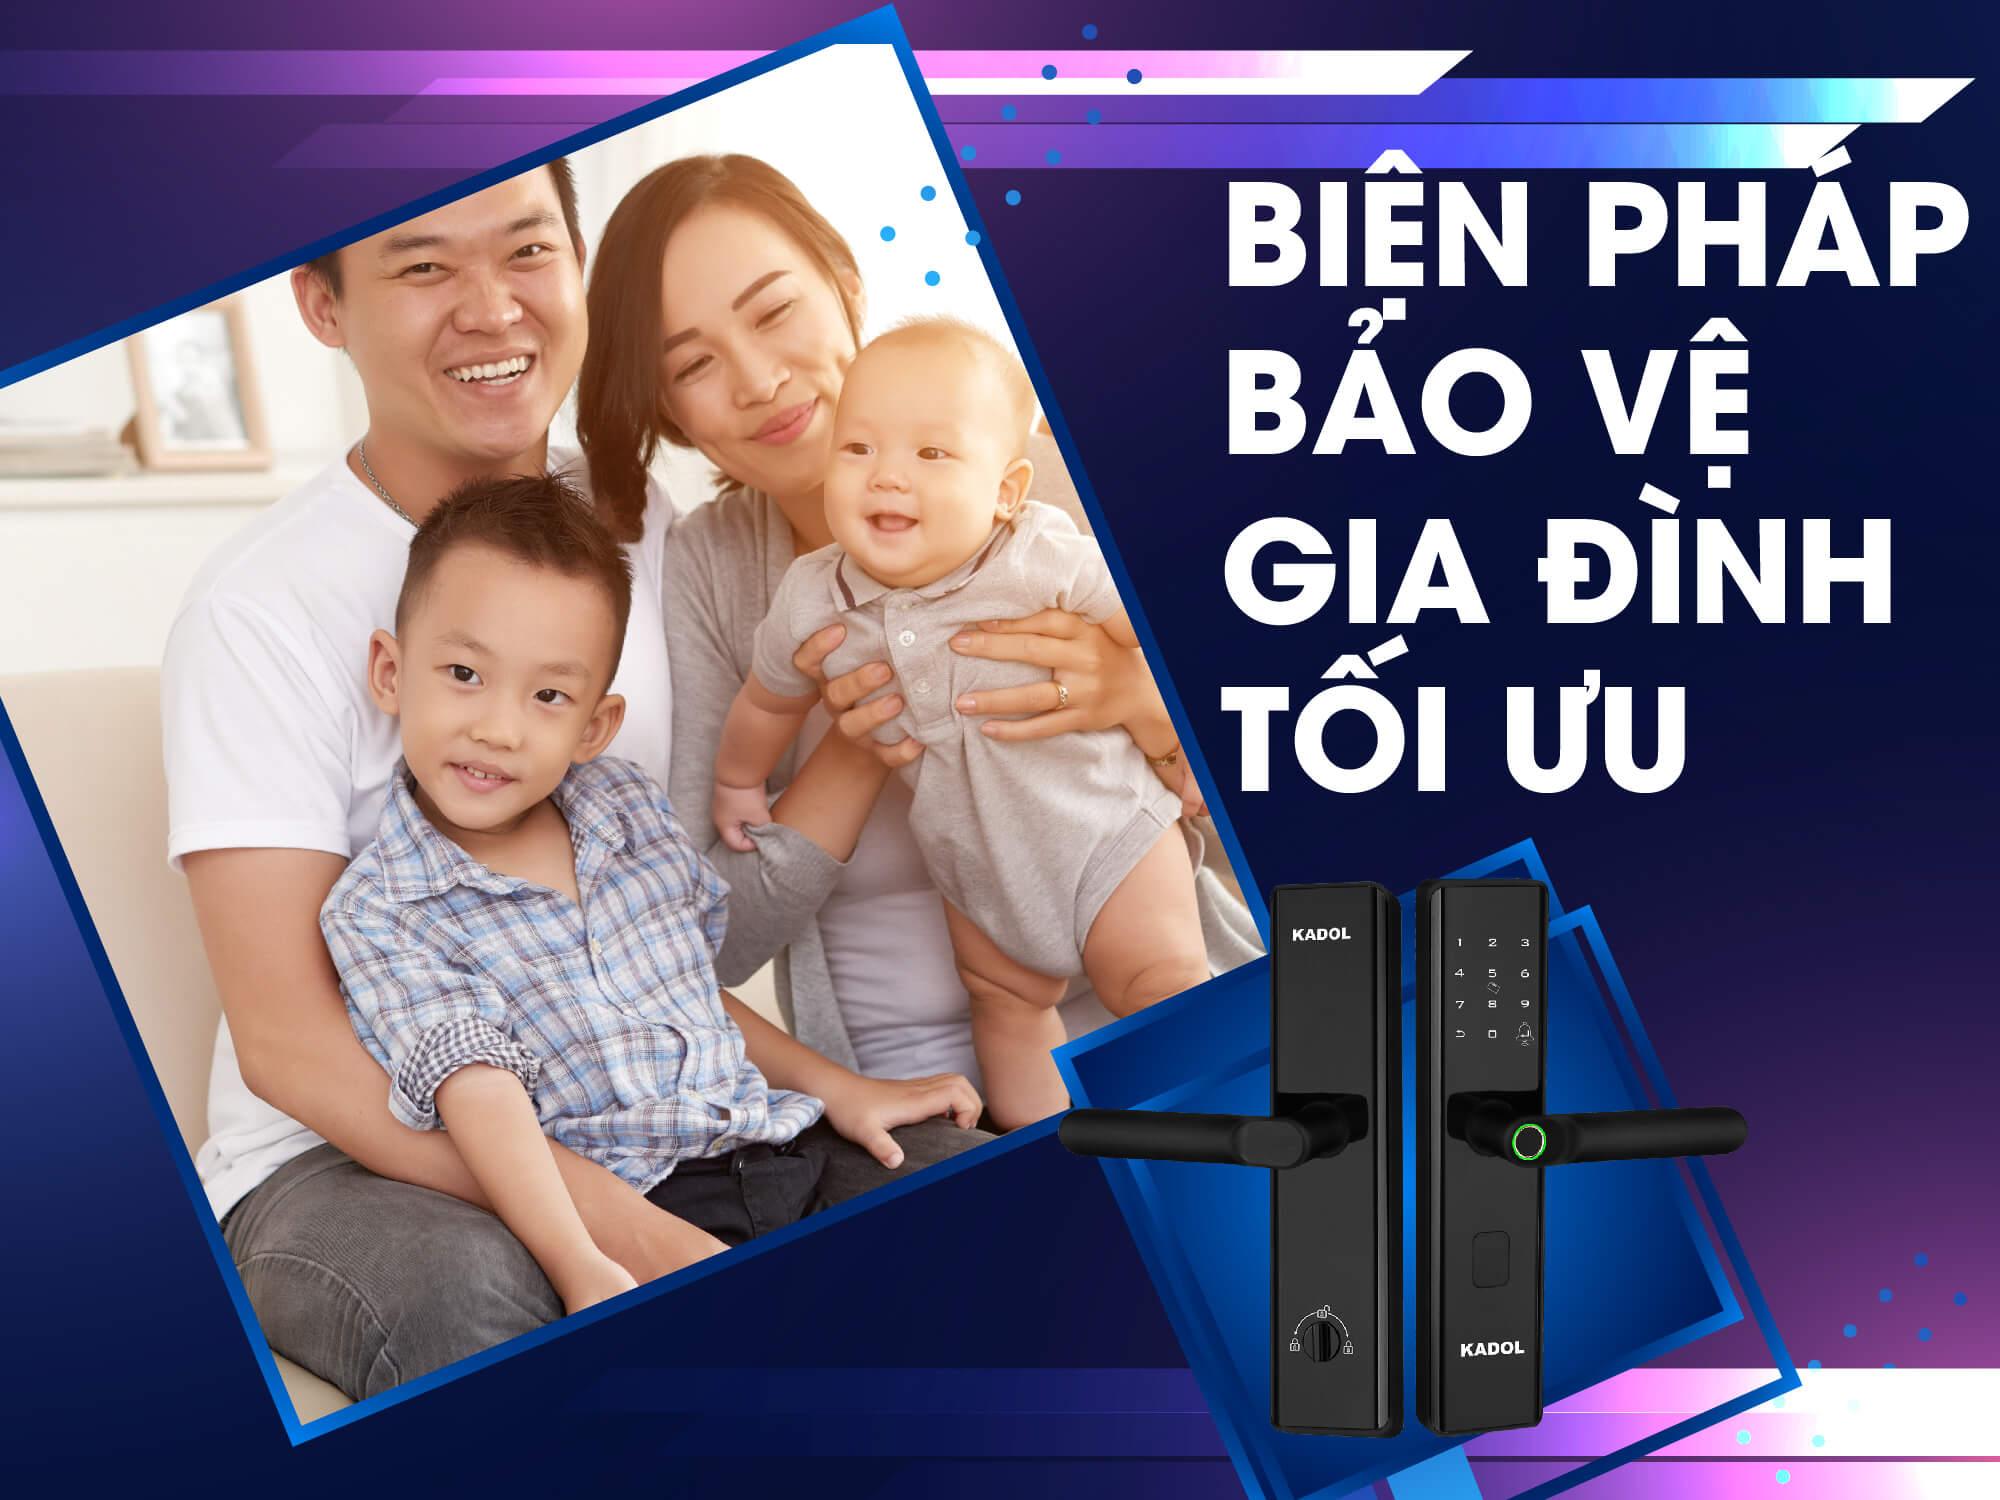 1200-x-900-copy-2100